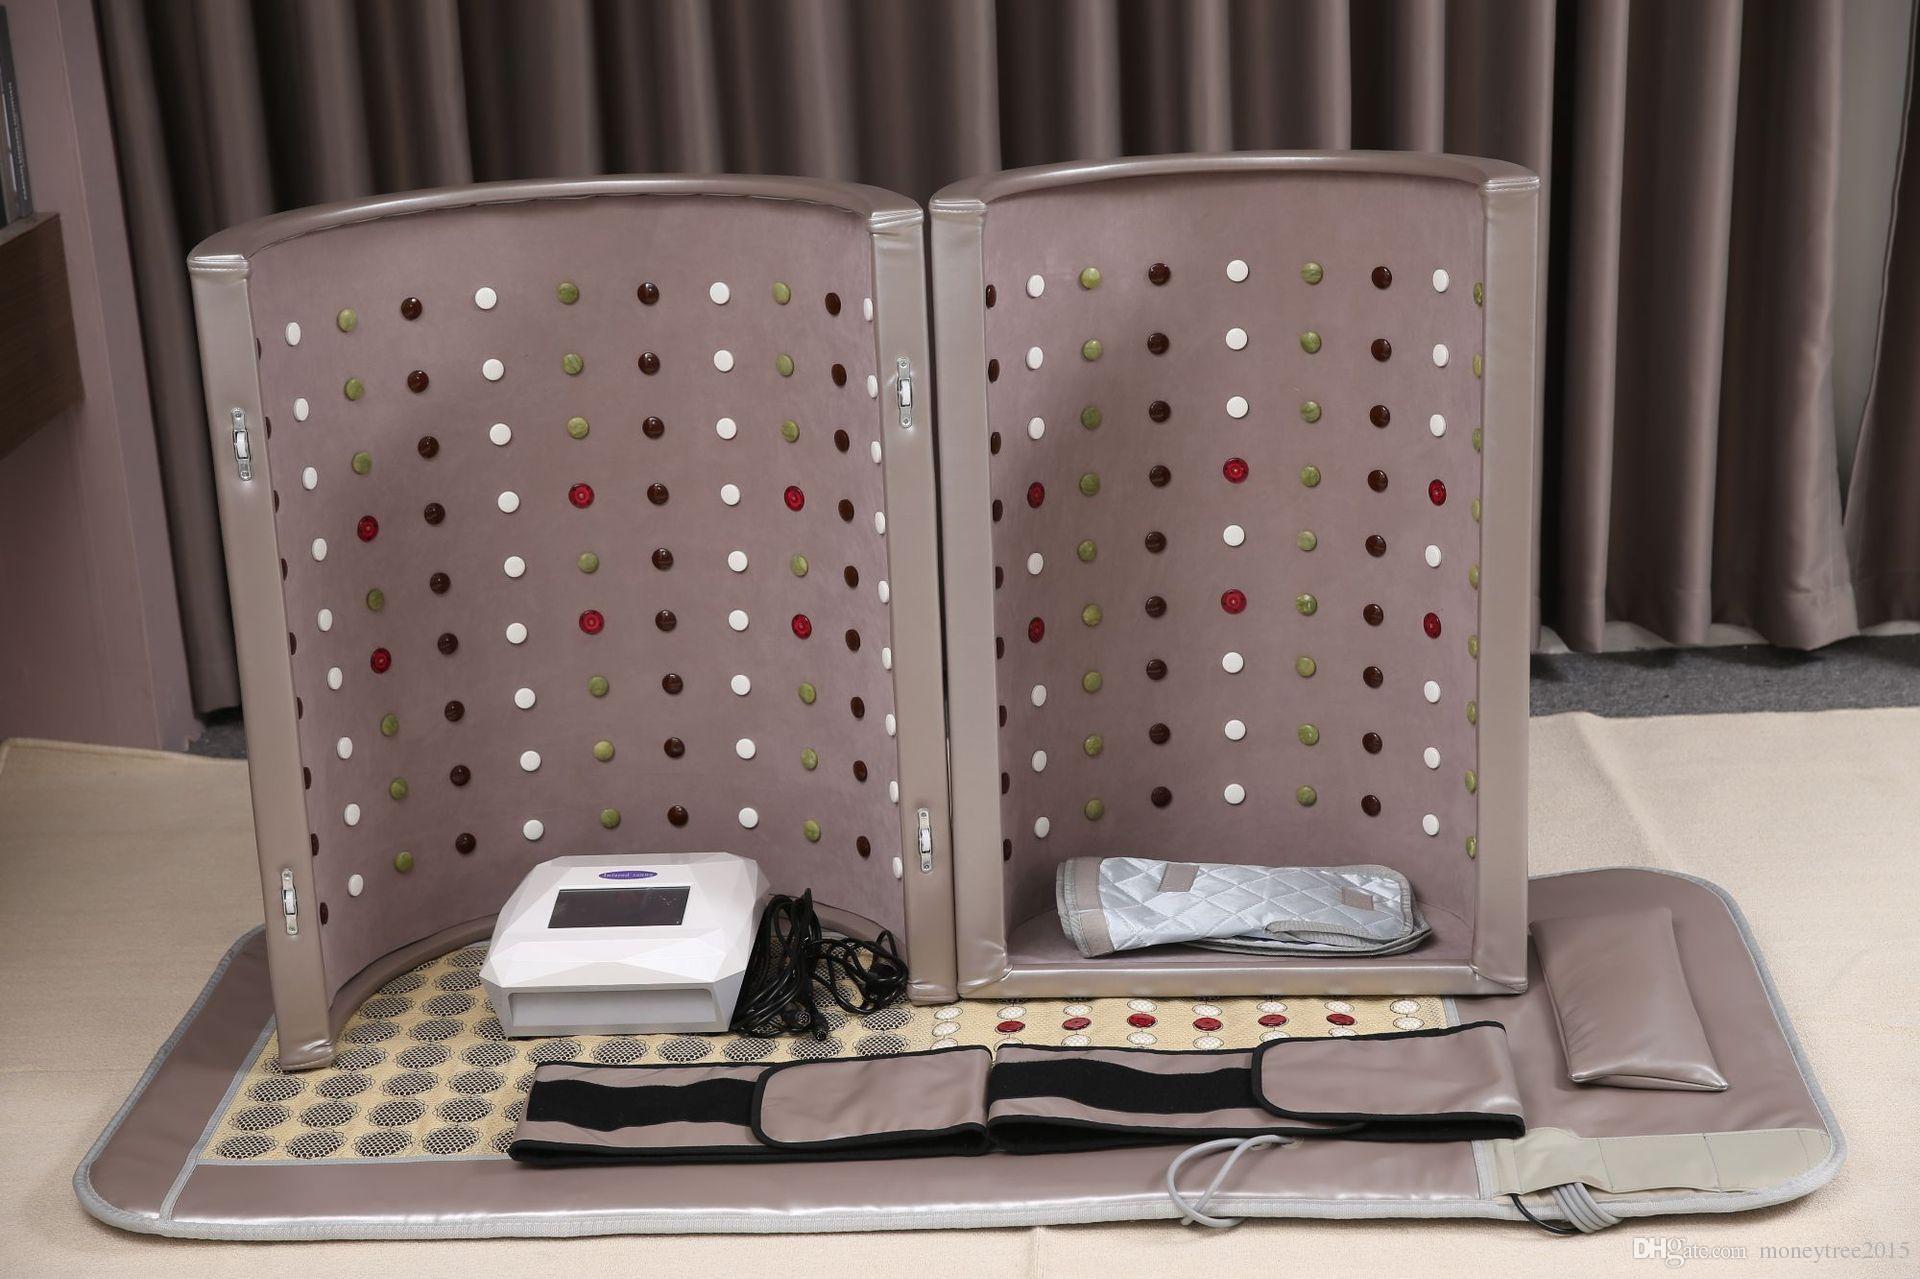 2019 SıCAK Uzak Kızılötesi Dome Sauna Etkili Vücut Zayıflama Sağlık zayıflama kapsülü